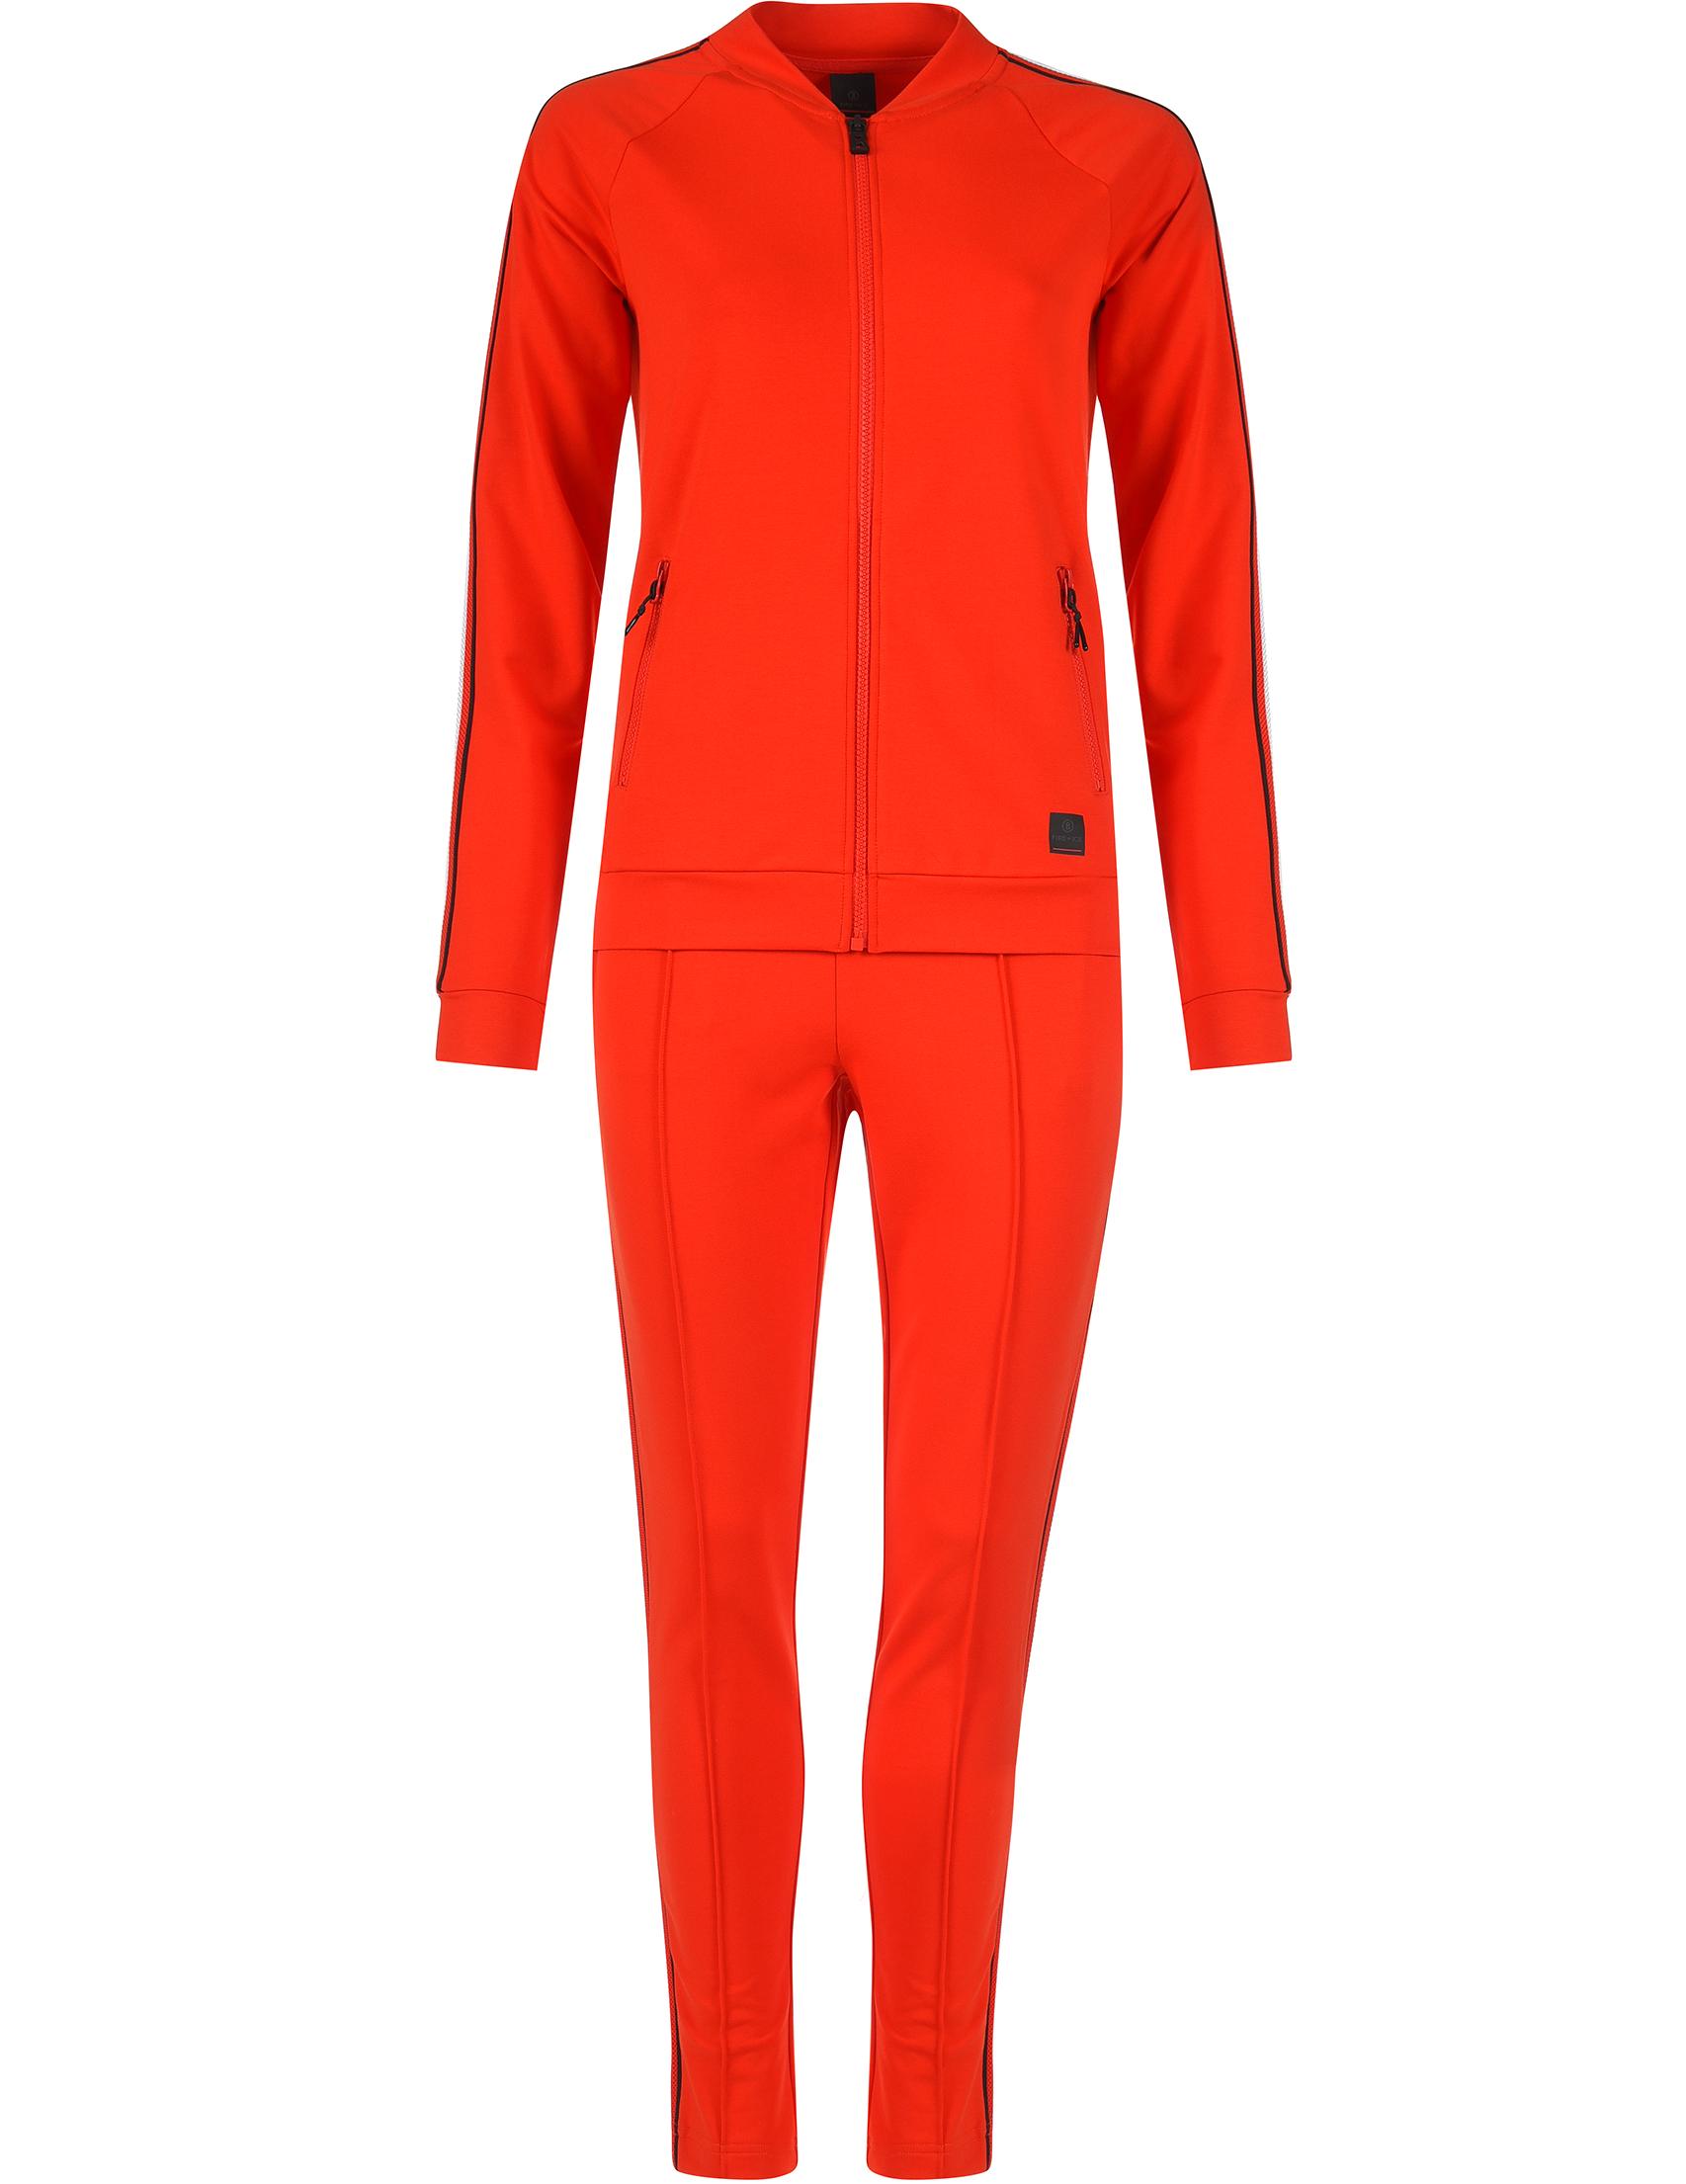 Купить Спортивный костюм, BOGNER, Красный, 70%Хлопок 24%Полиэстер 6%Эластан, Весна-Лето